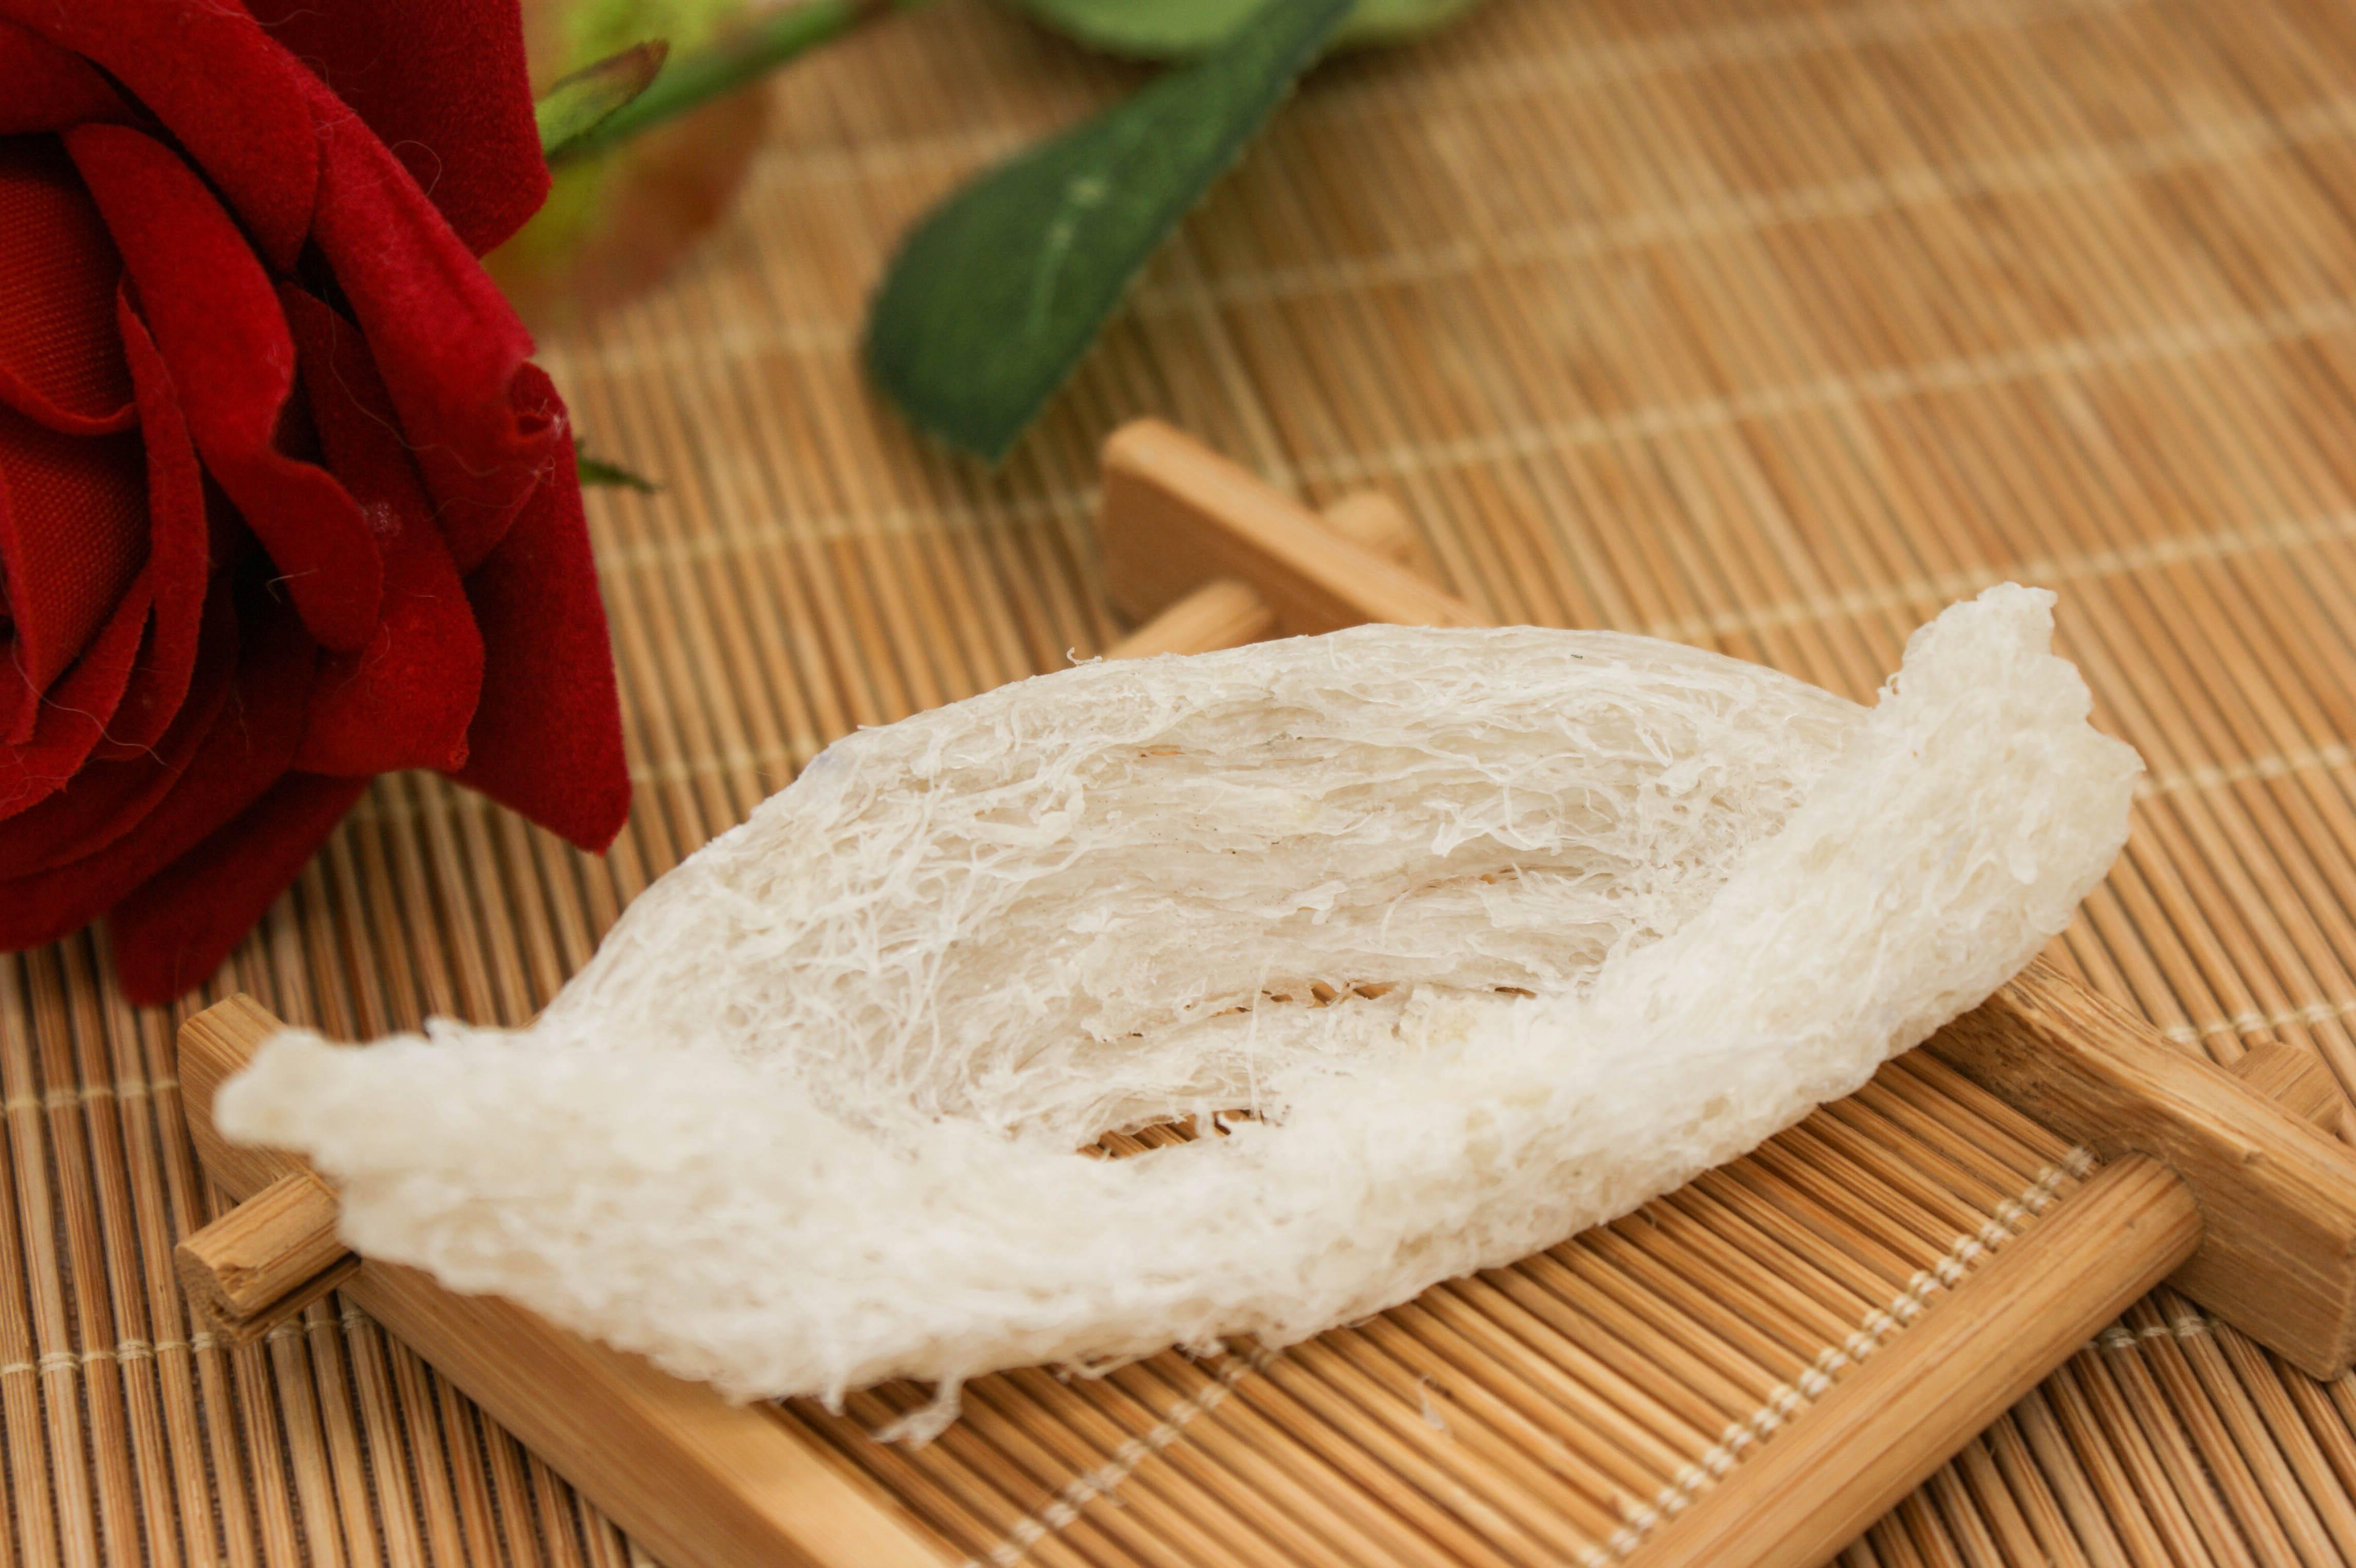 烹制孕妇燕窝最科学的方法